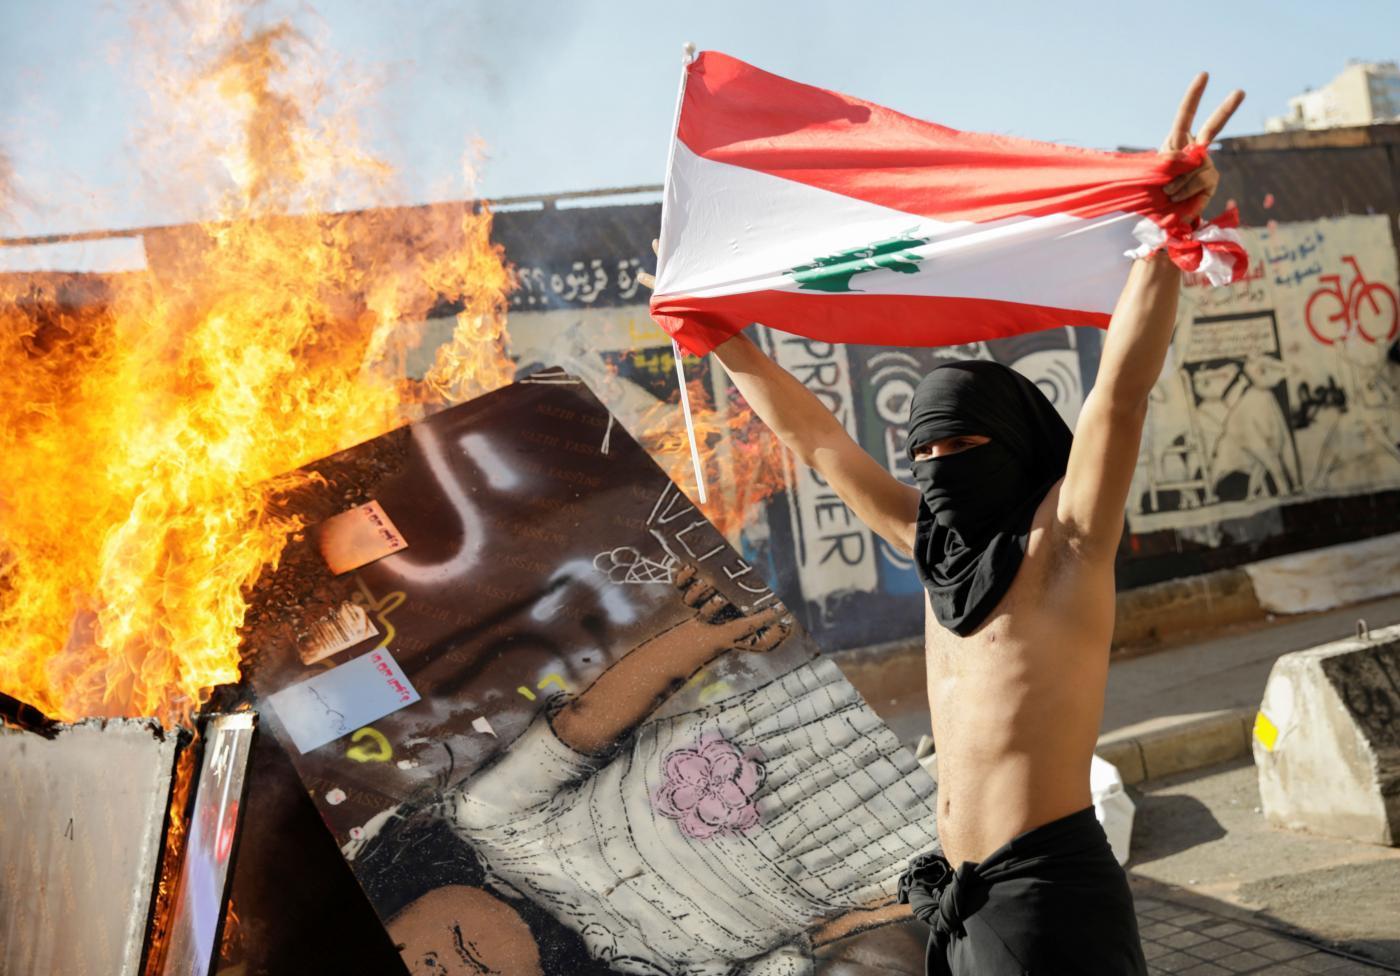 Liban: derrière la contestation socio-économique, un bras de fer américano-russe